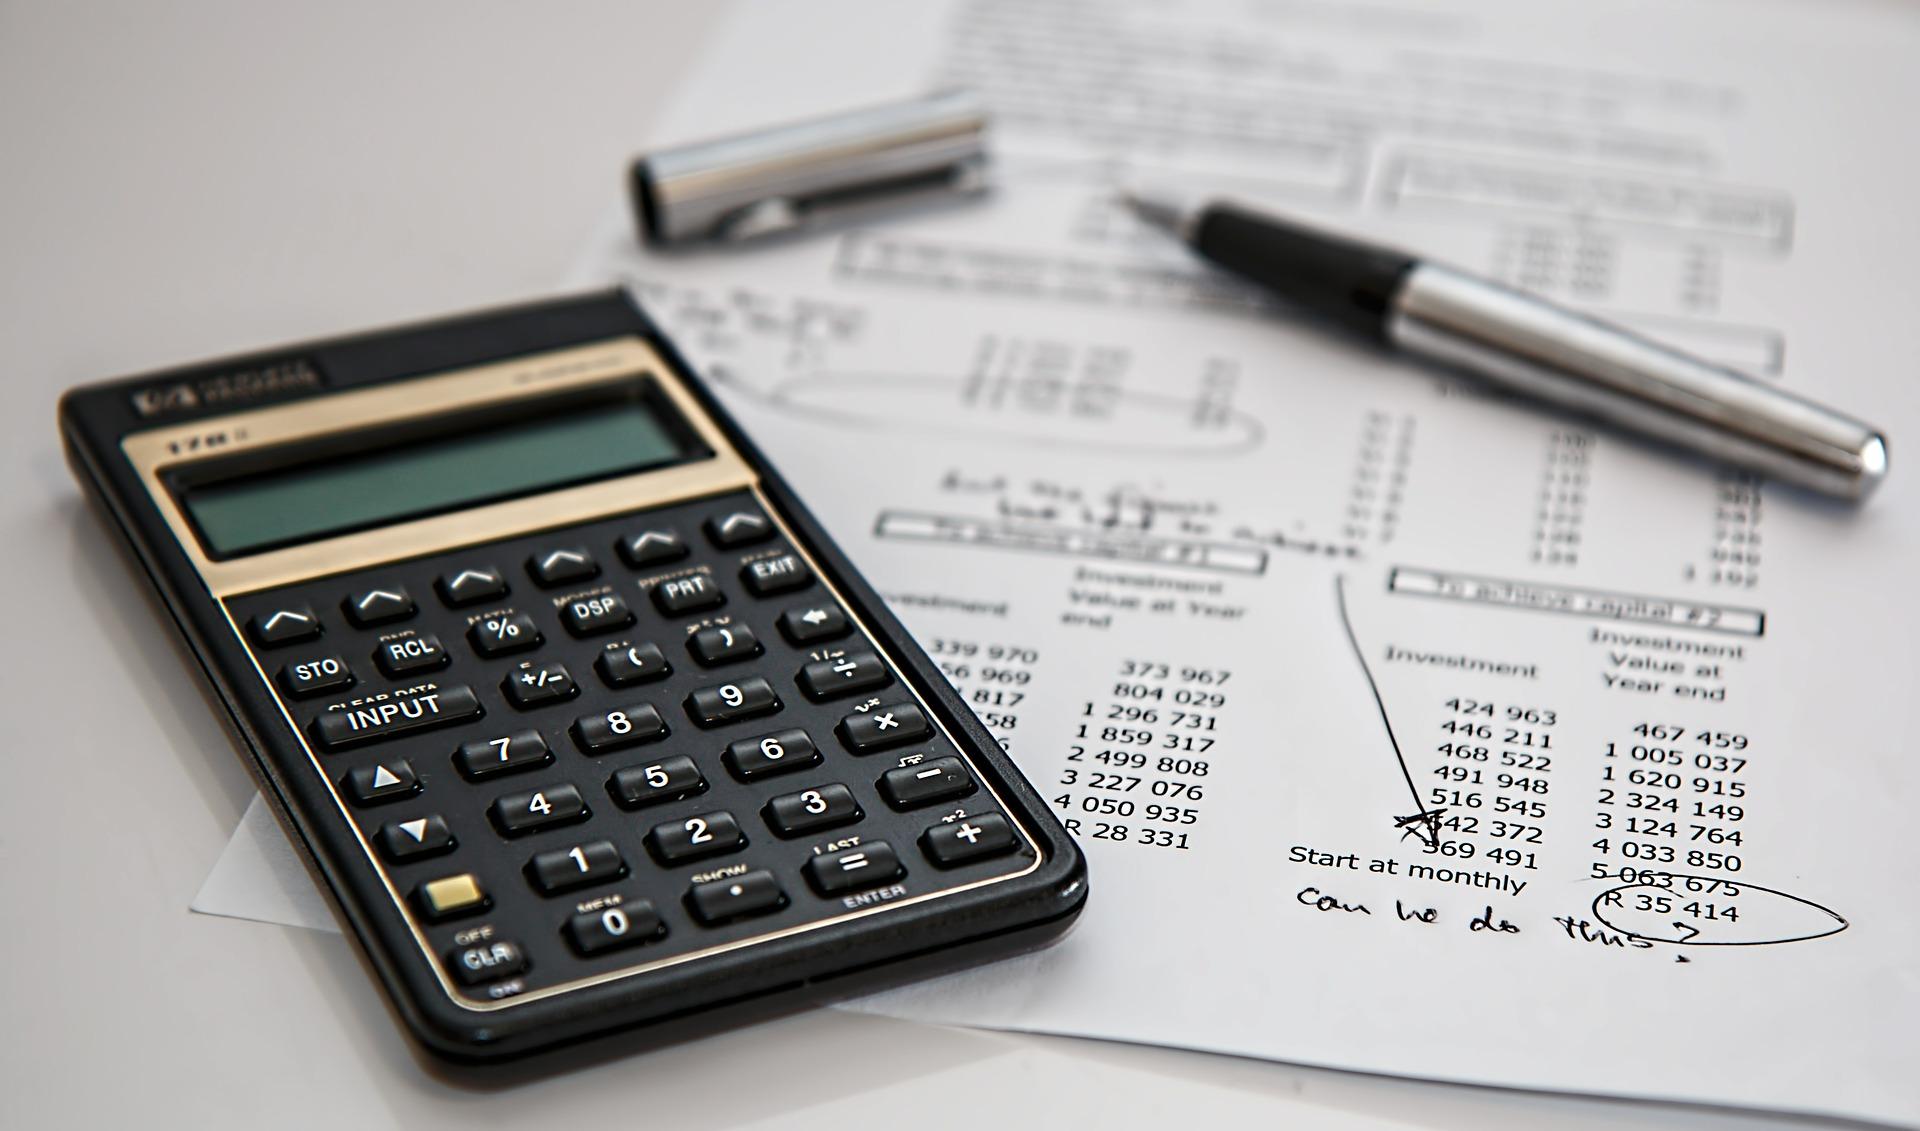 VoIP Cost Breakdown